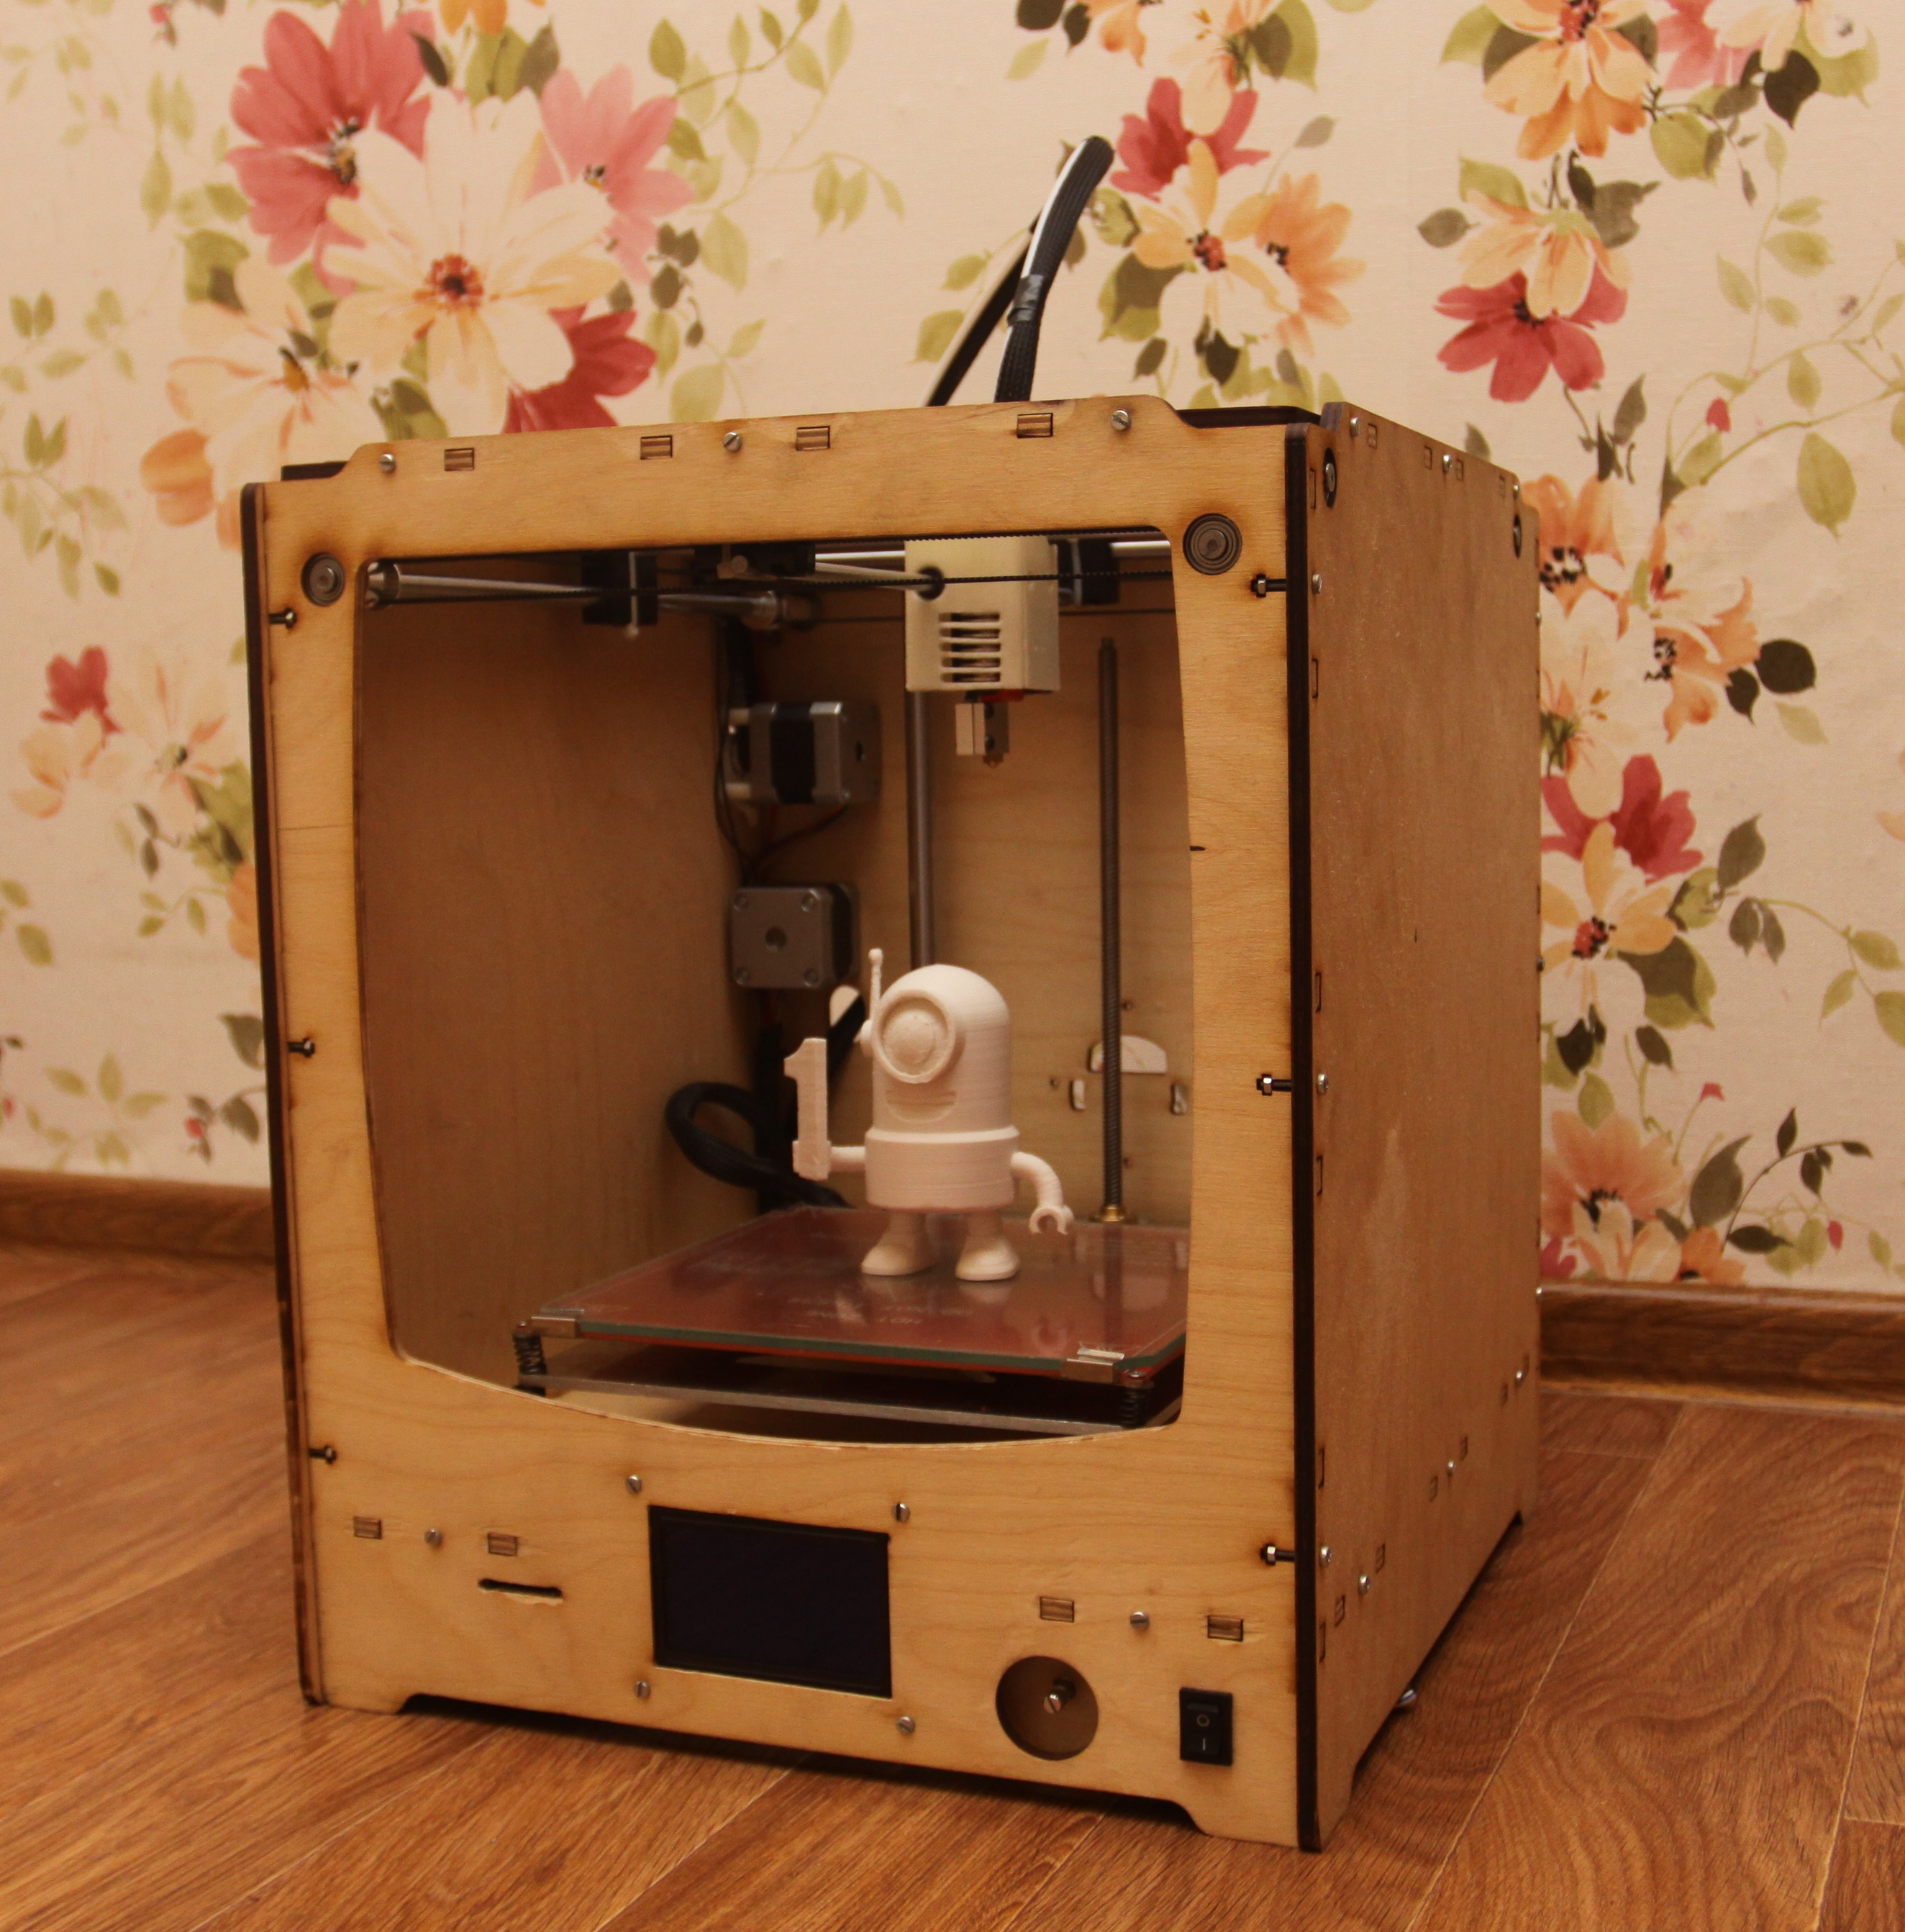 3d принтер своими руками за 60-100$ пошаговое руководство